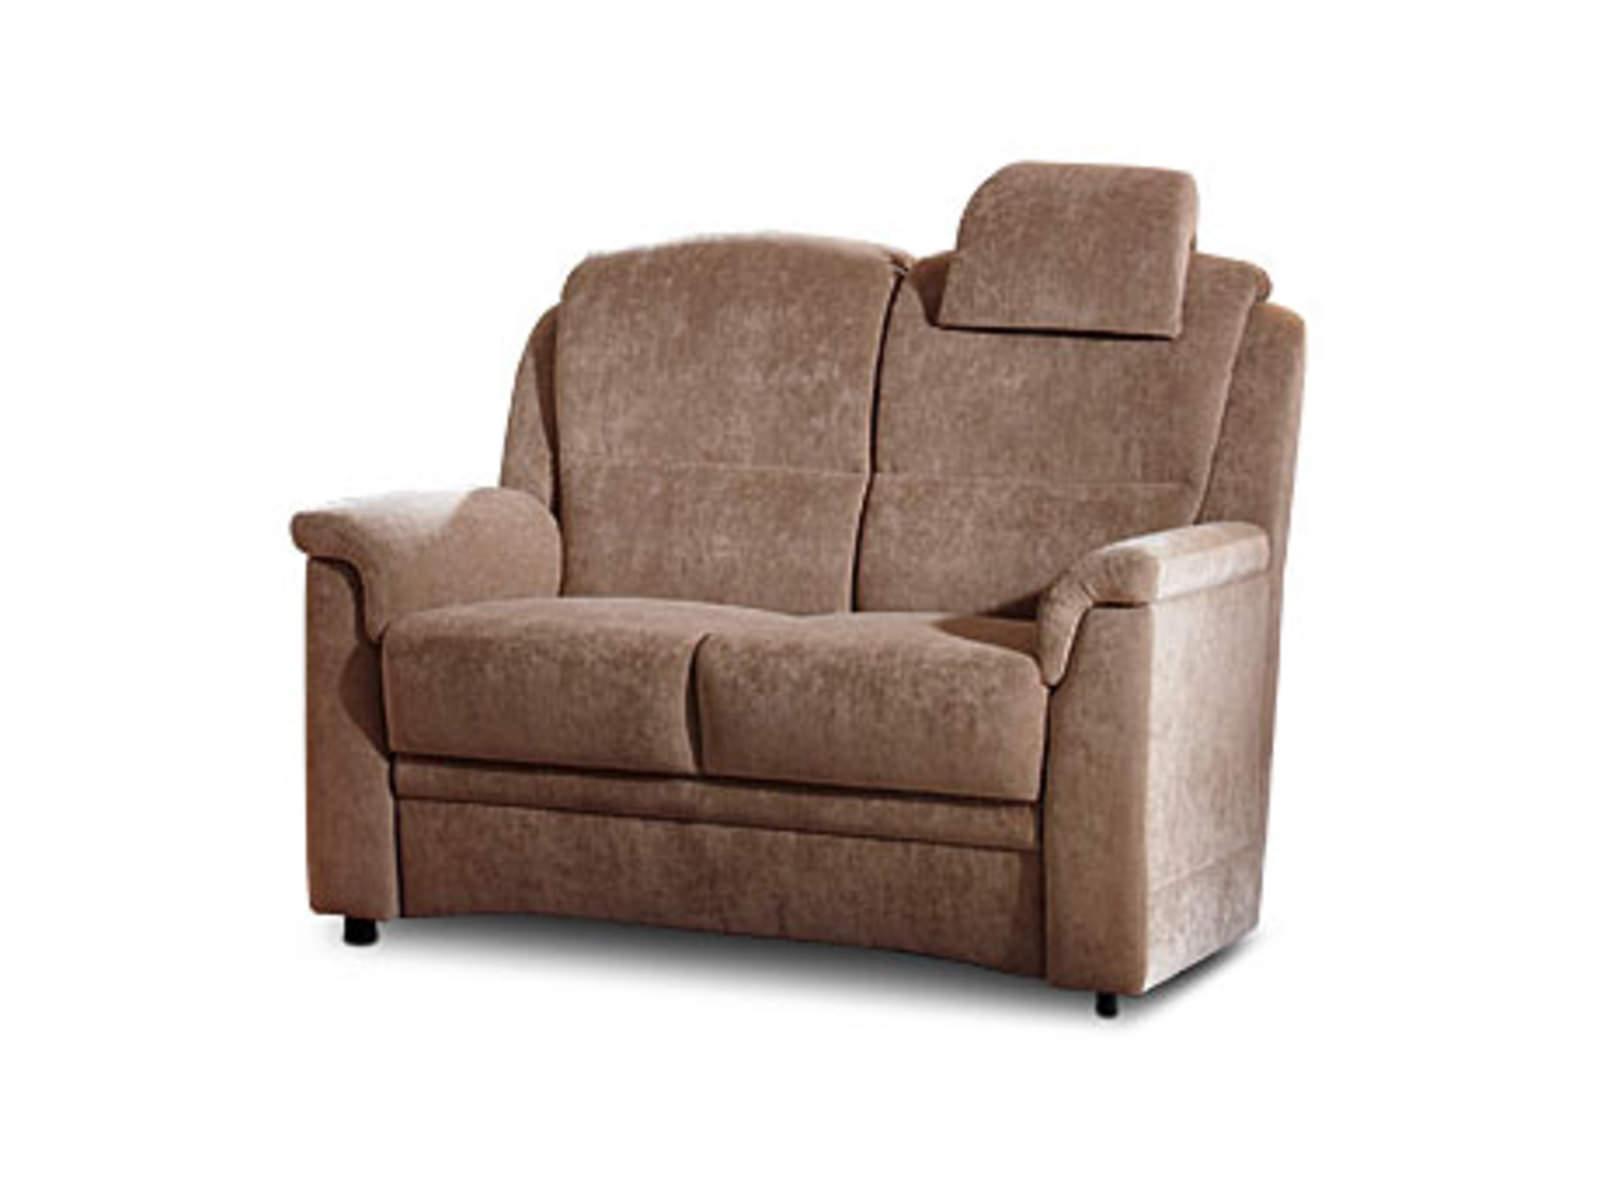 MONDO Sofa 2 Sitzer braun online entdecken